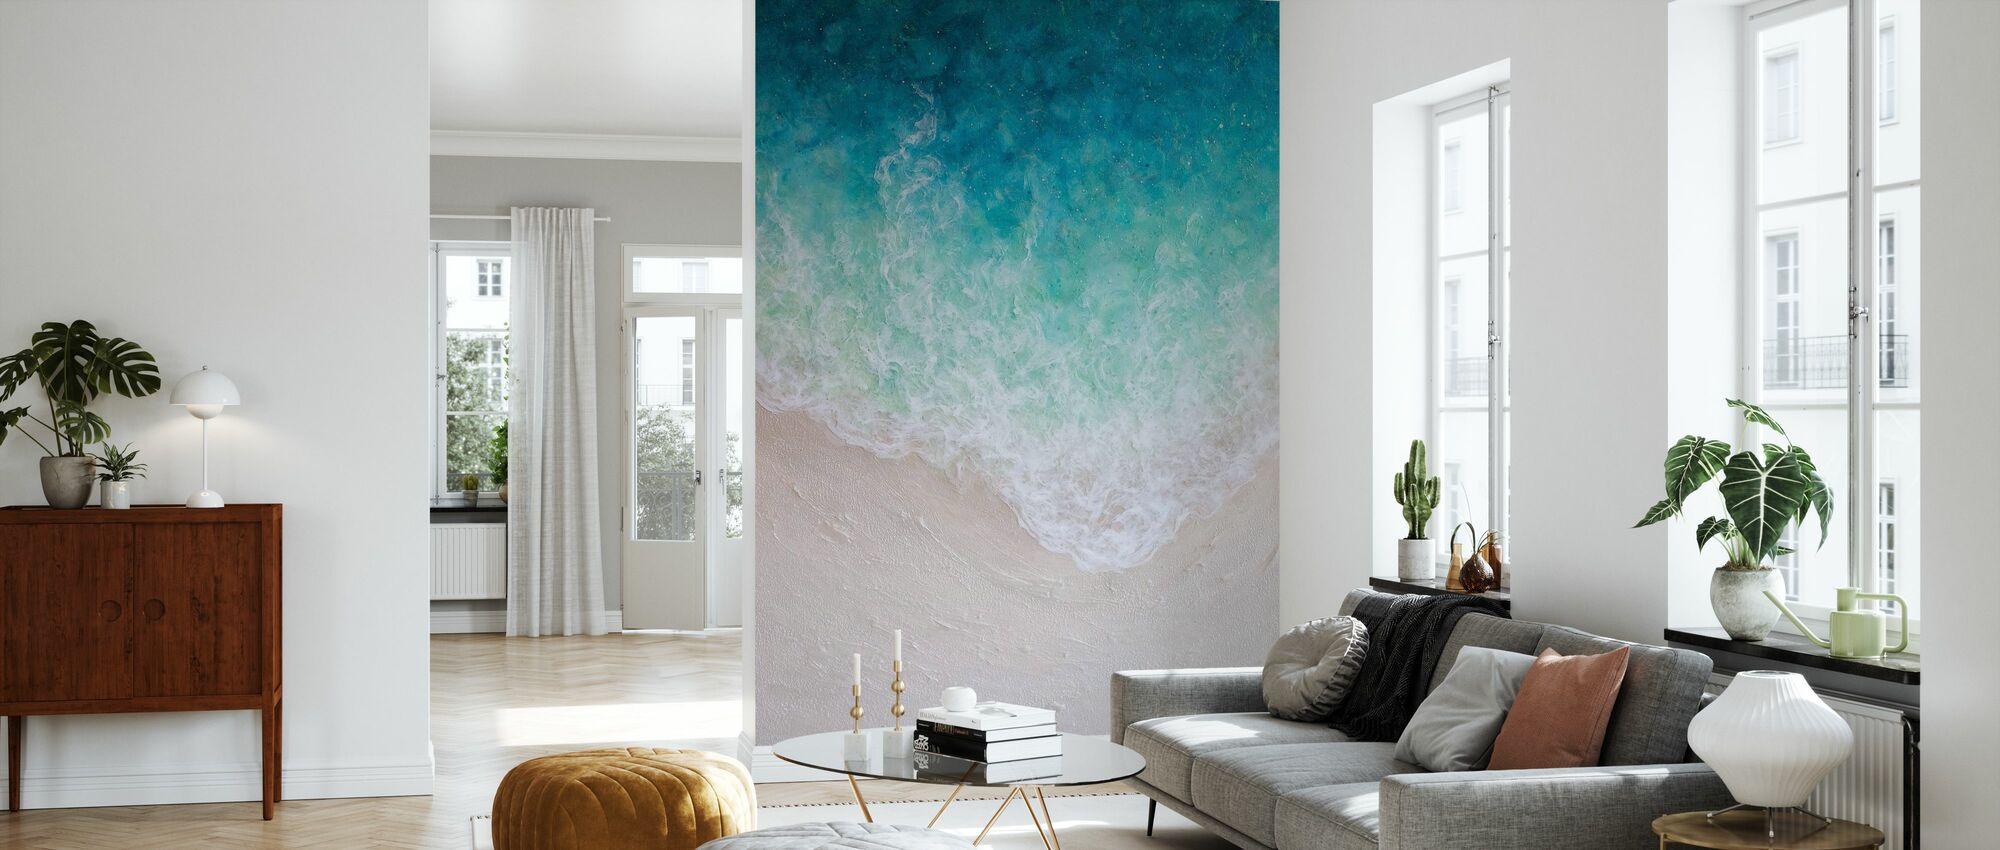 Astral Tides - Wallpaper - Living Room